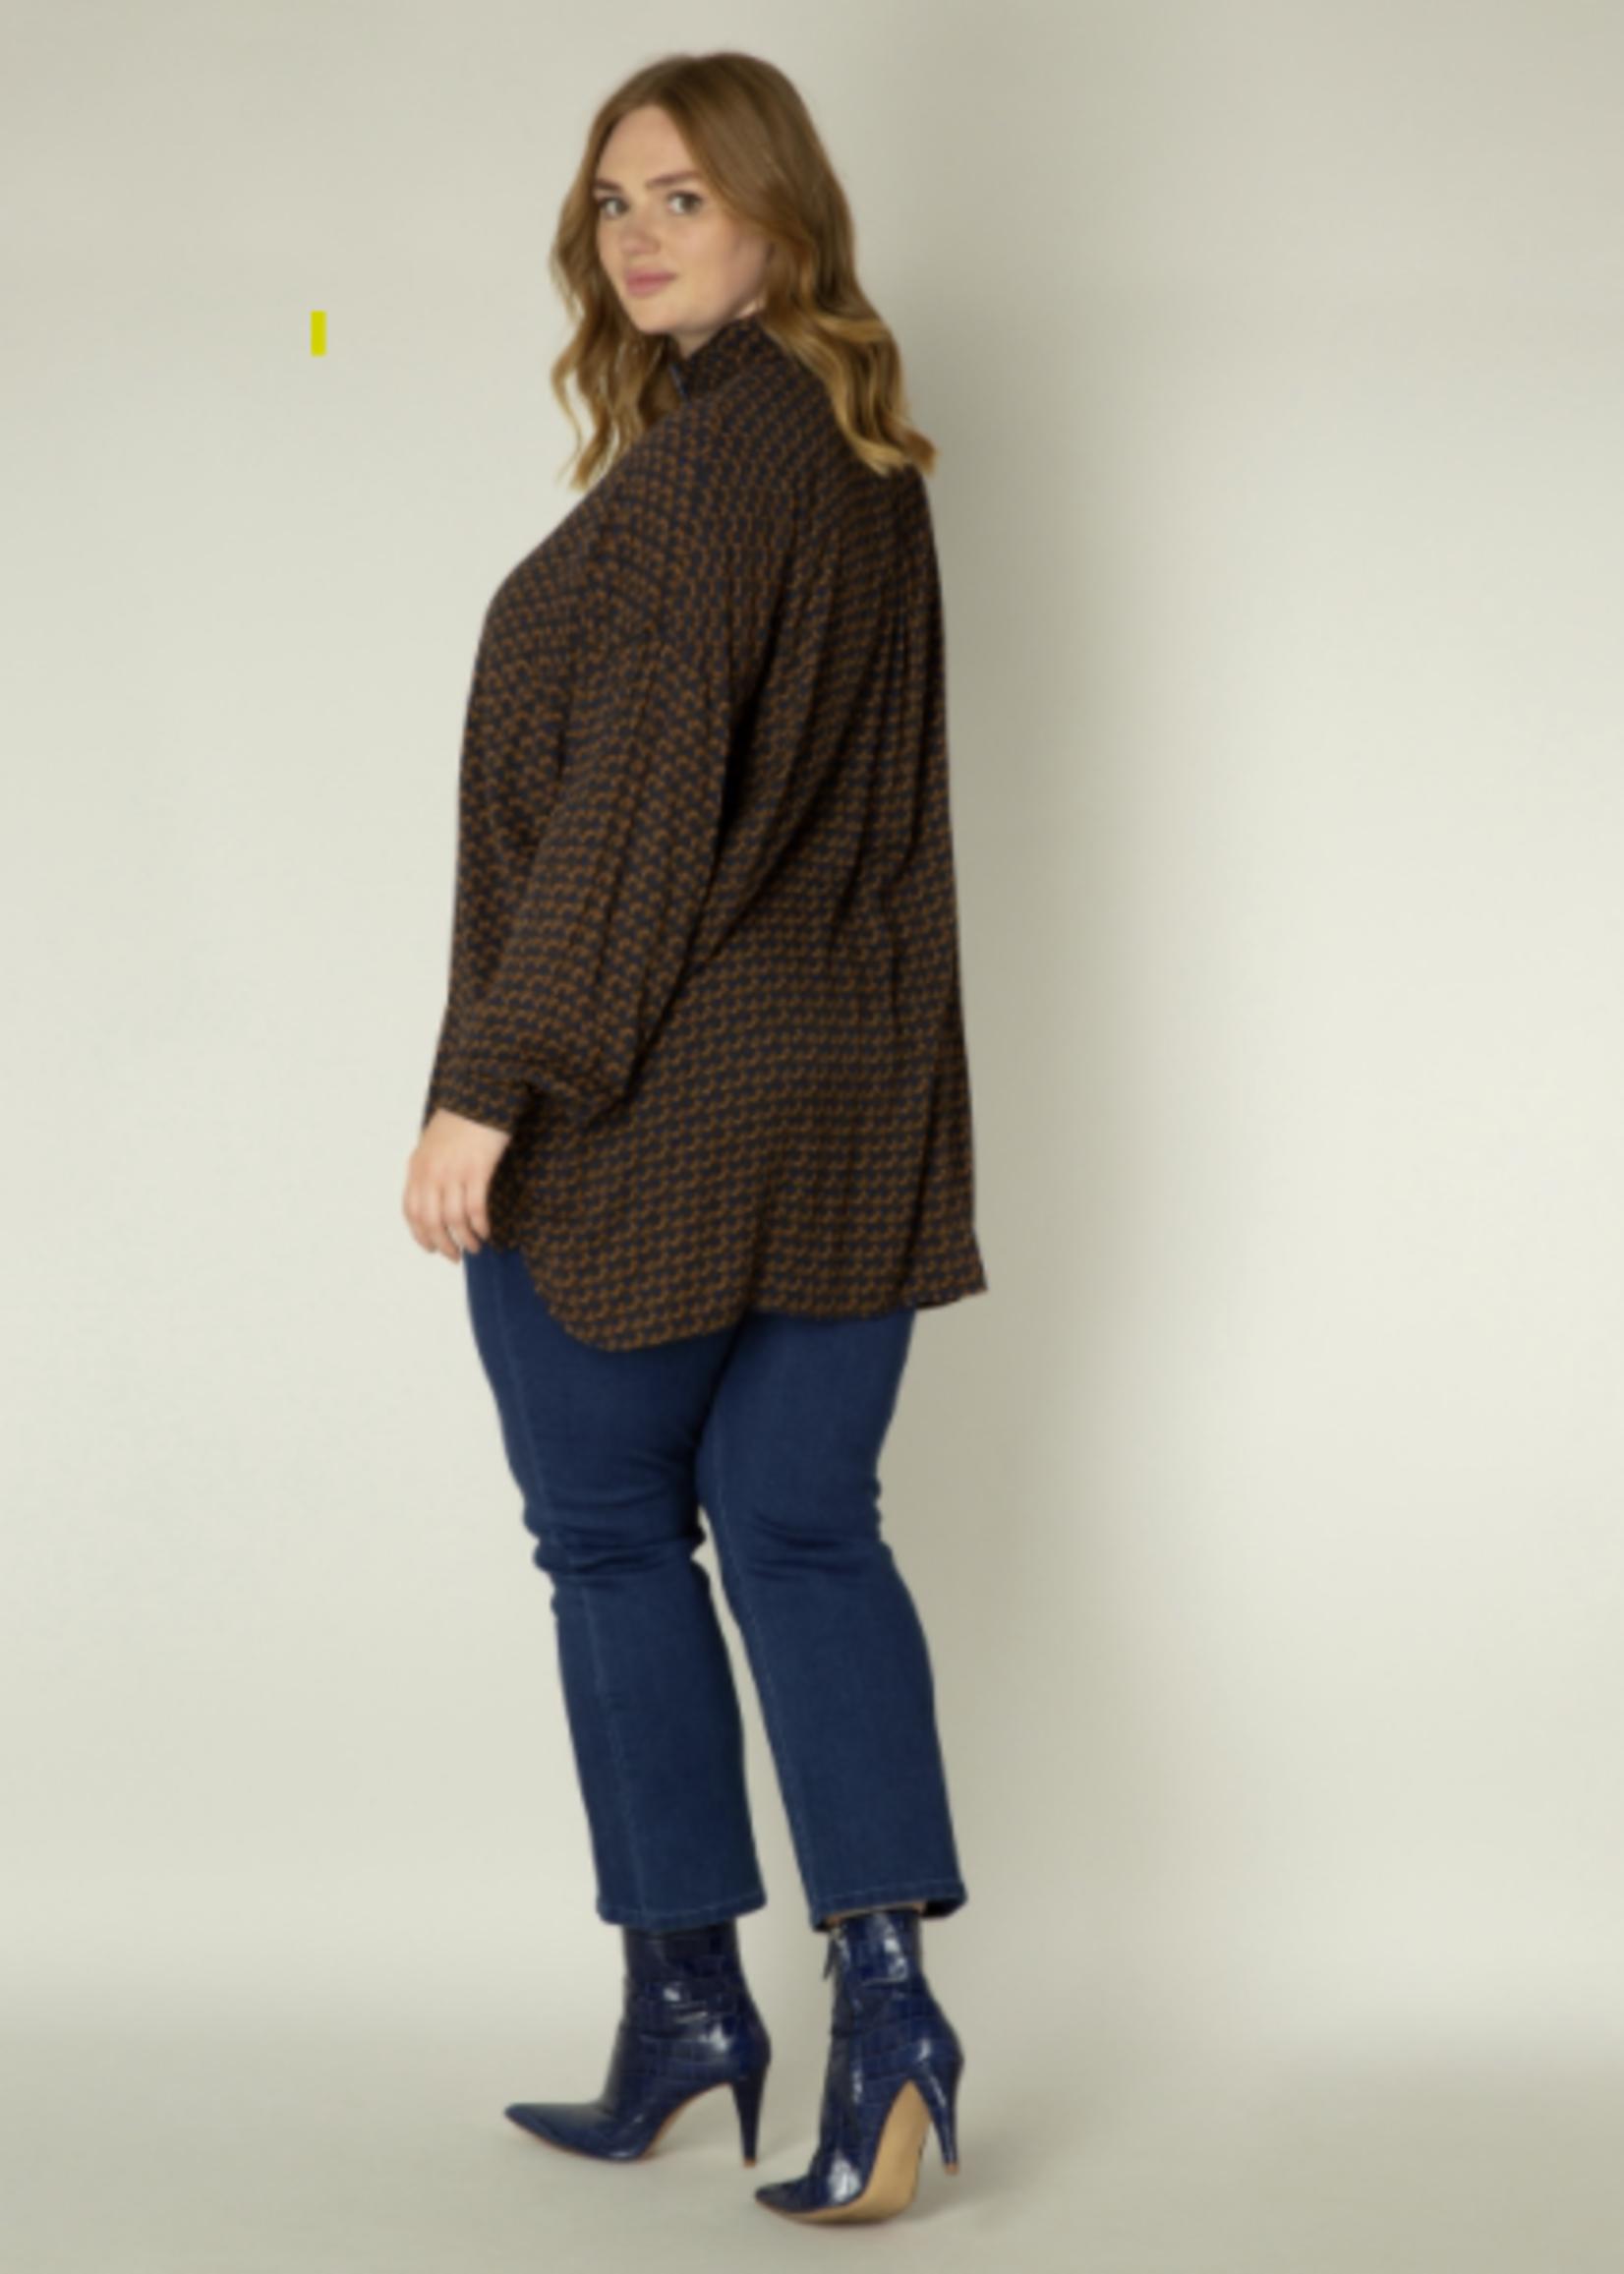 Yesta Yesta blouse Vive (A002124 )